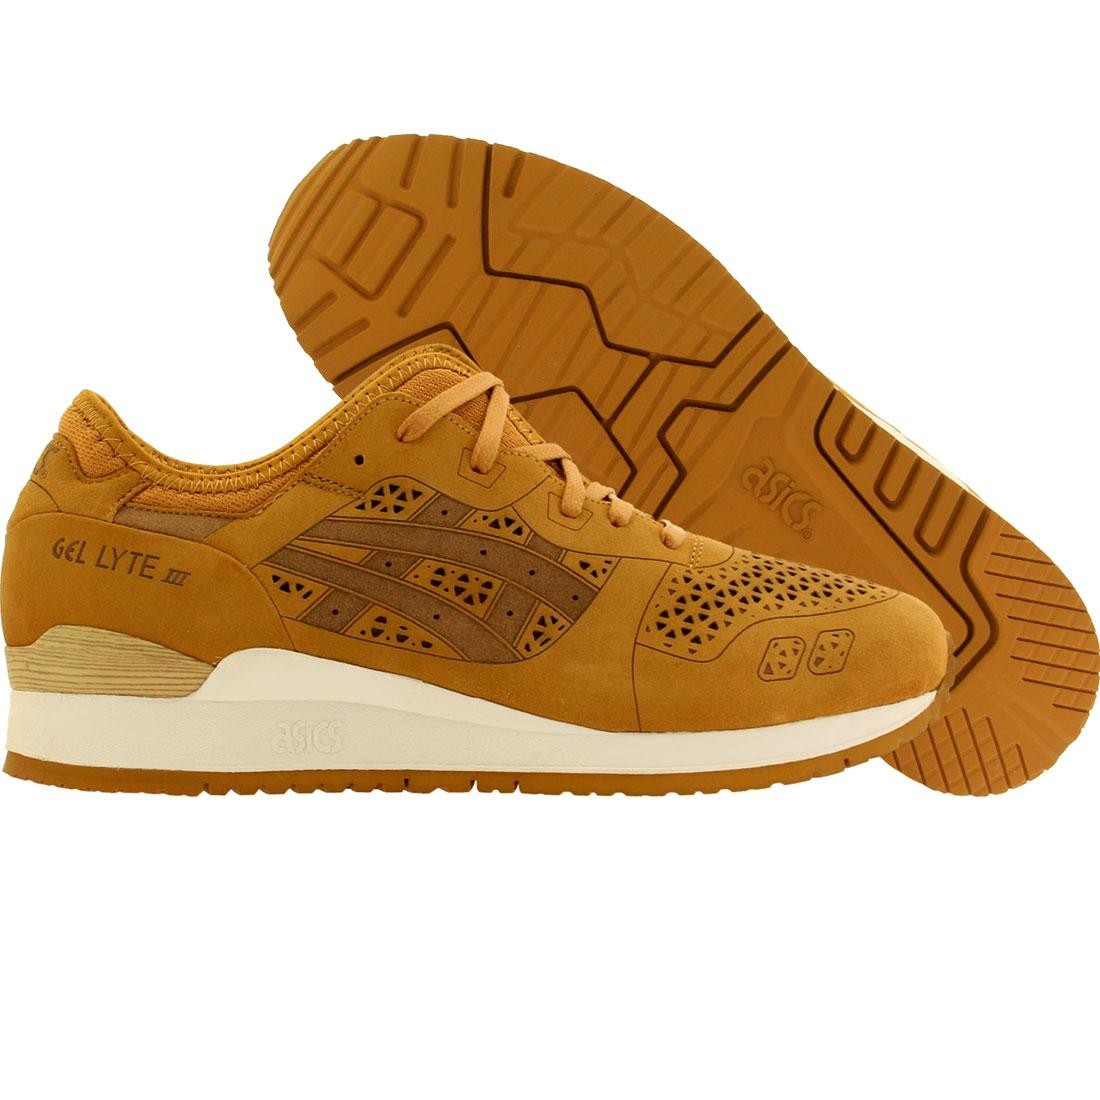 【海外限定】アシックス アルファ 靴 メンズ靴 【 ASICS TIGER MEN GELLYTE III LASERCUT ALPHA PACK TAN 】